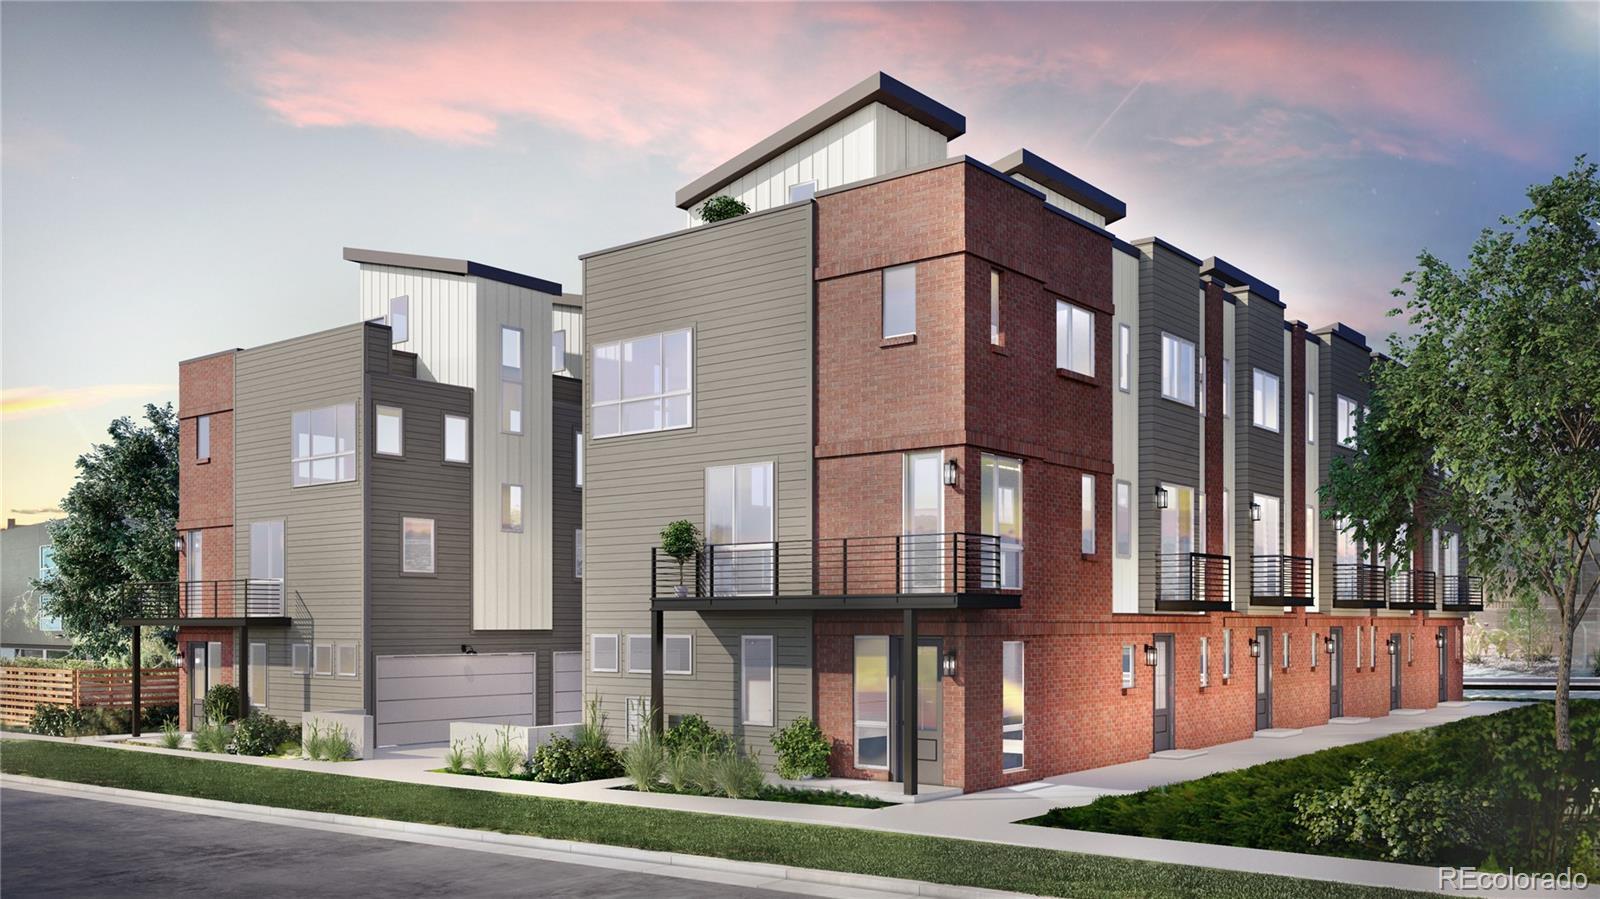 1957 Eaton Street, Lakewood, CO 80214 - Lakewood, CO real estate listing